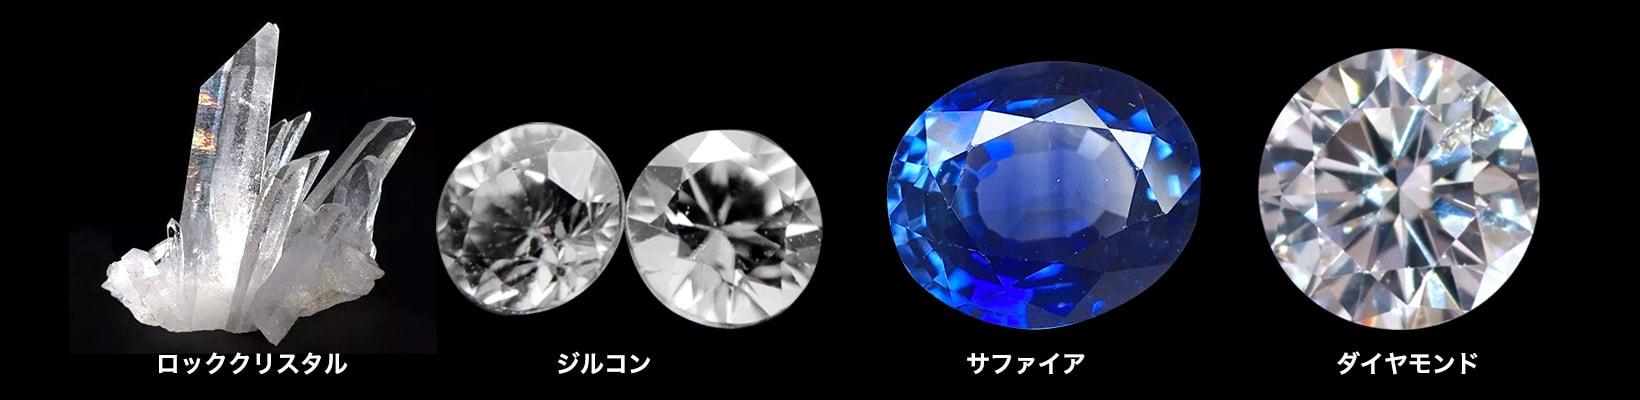 ロッククリスタル・ジルコン・サファイア・ダイヤモンド